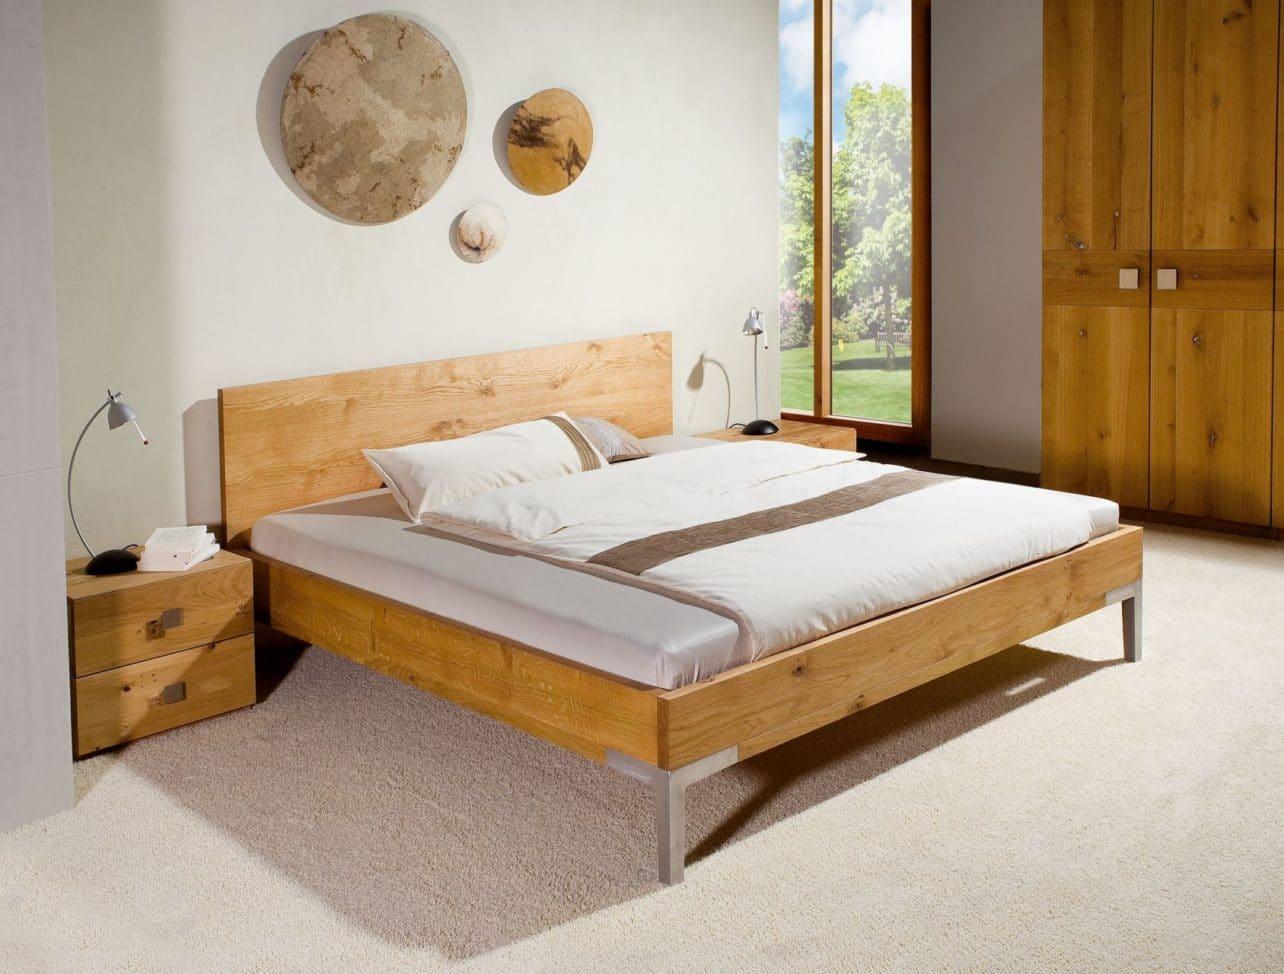 Full Size of Bett Eiche Uno Trendwendenatrlich Einrichten Gmbh Bette Starlet Betten Ikea 160x200 Sofa Mit Bettkasten Krankenhaus Ruf Fabrikverkauf 90x200 Metall Bett Bett Eiche